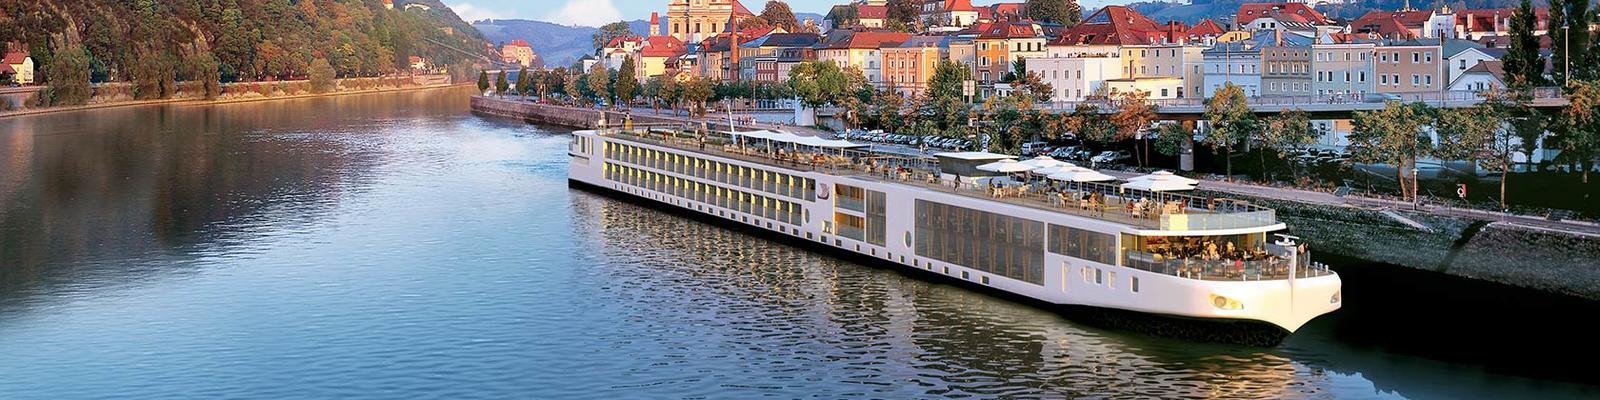 Viking Kadlin (Photo: Viking River Cruises)